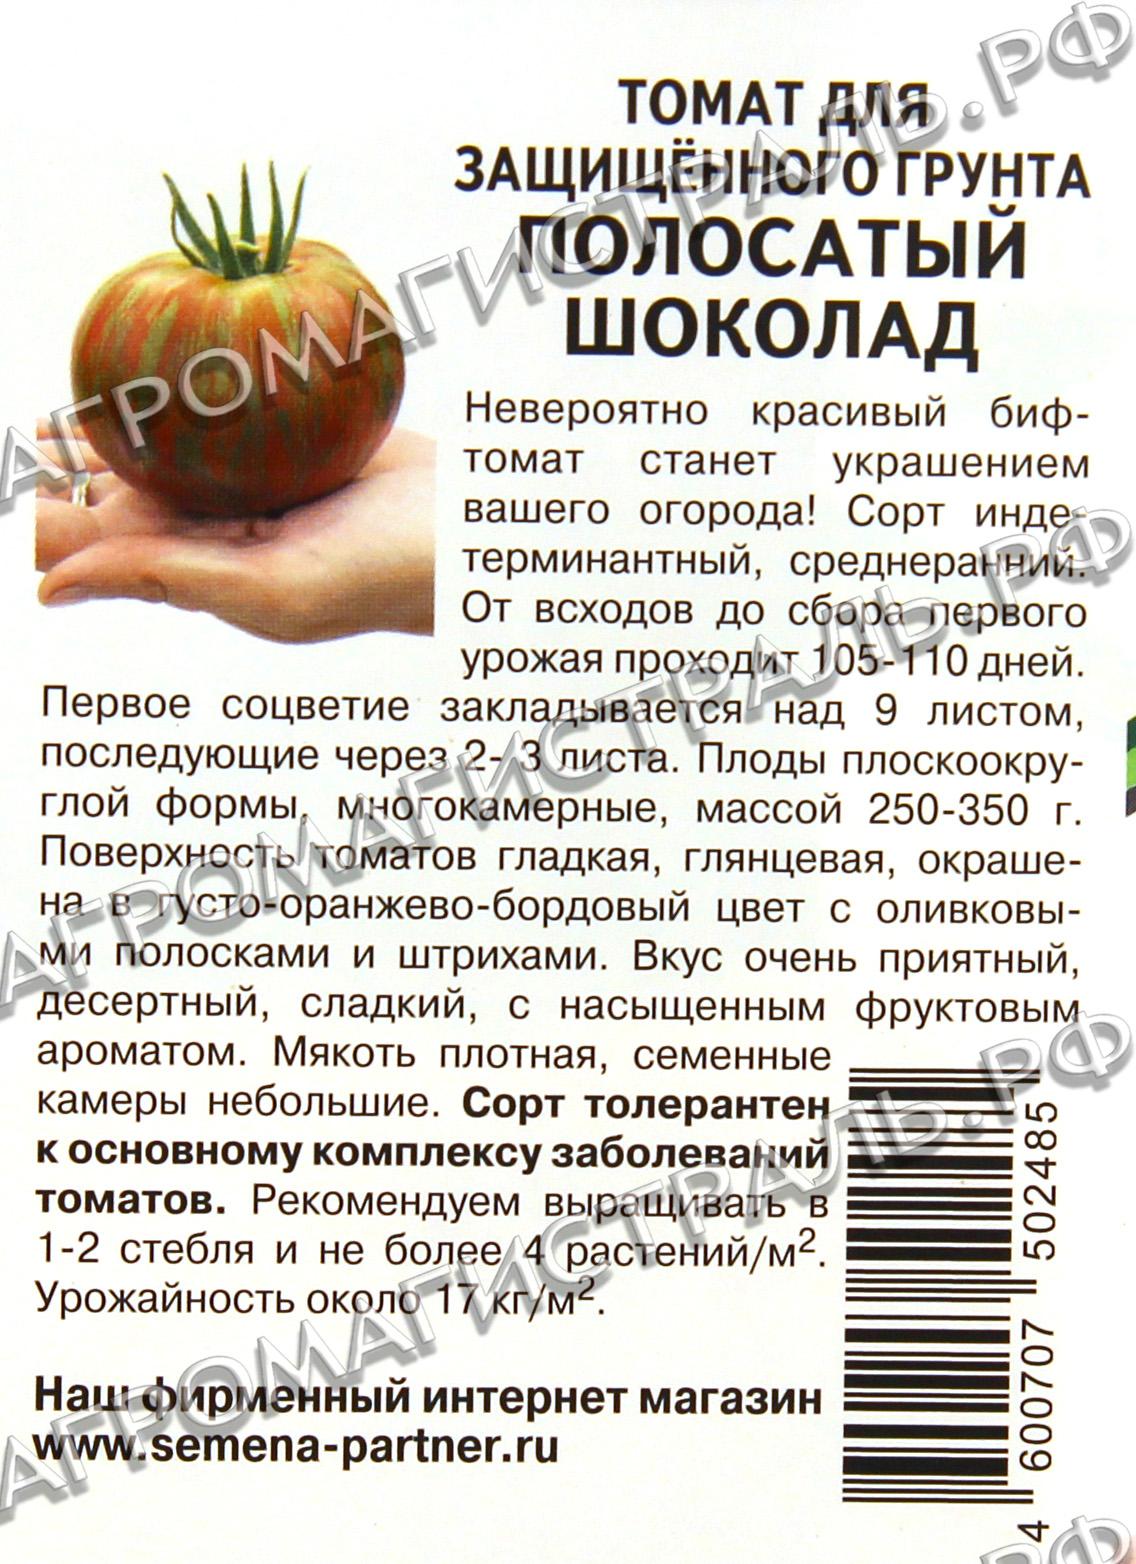 """Томат """"полосатый шоколад"""" - характеристика сорта, описание плодов с фото и особенности ухода"""